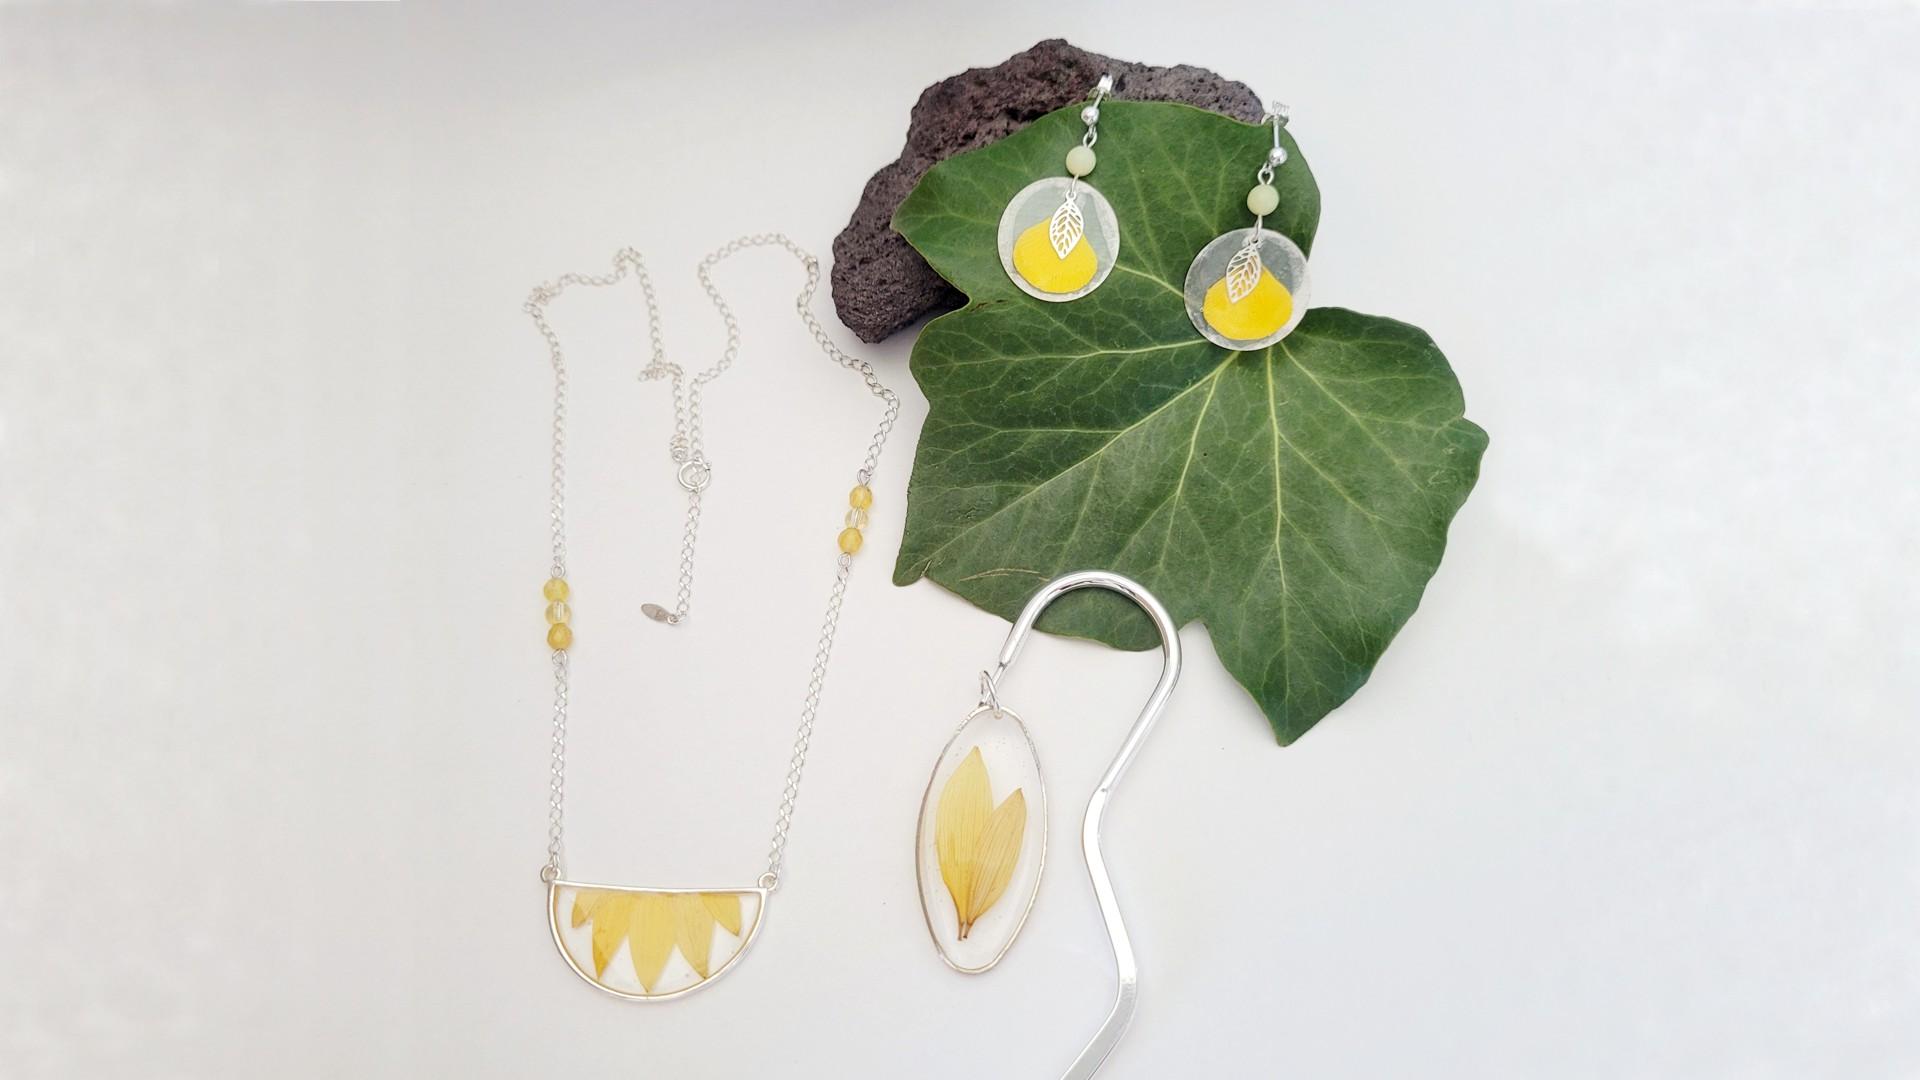 Collier marquepage boucle argent 925 argenté fleur tournesol bouton d'or résine citrine agathe teintée jaune bijou l.créative